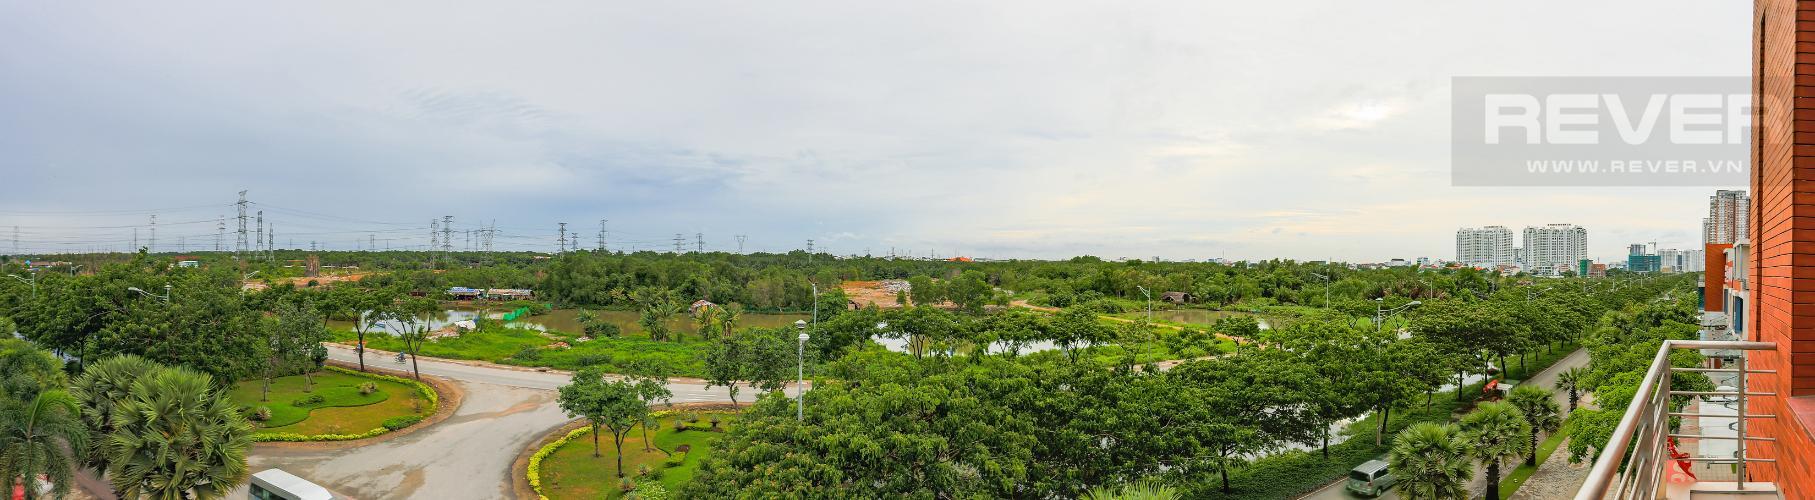 View Biệt thự 5 phòng ngủ đường Nguyễn Hữu Thọ khu Galleria Nhà Bè